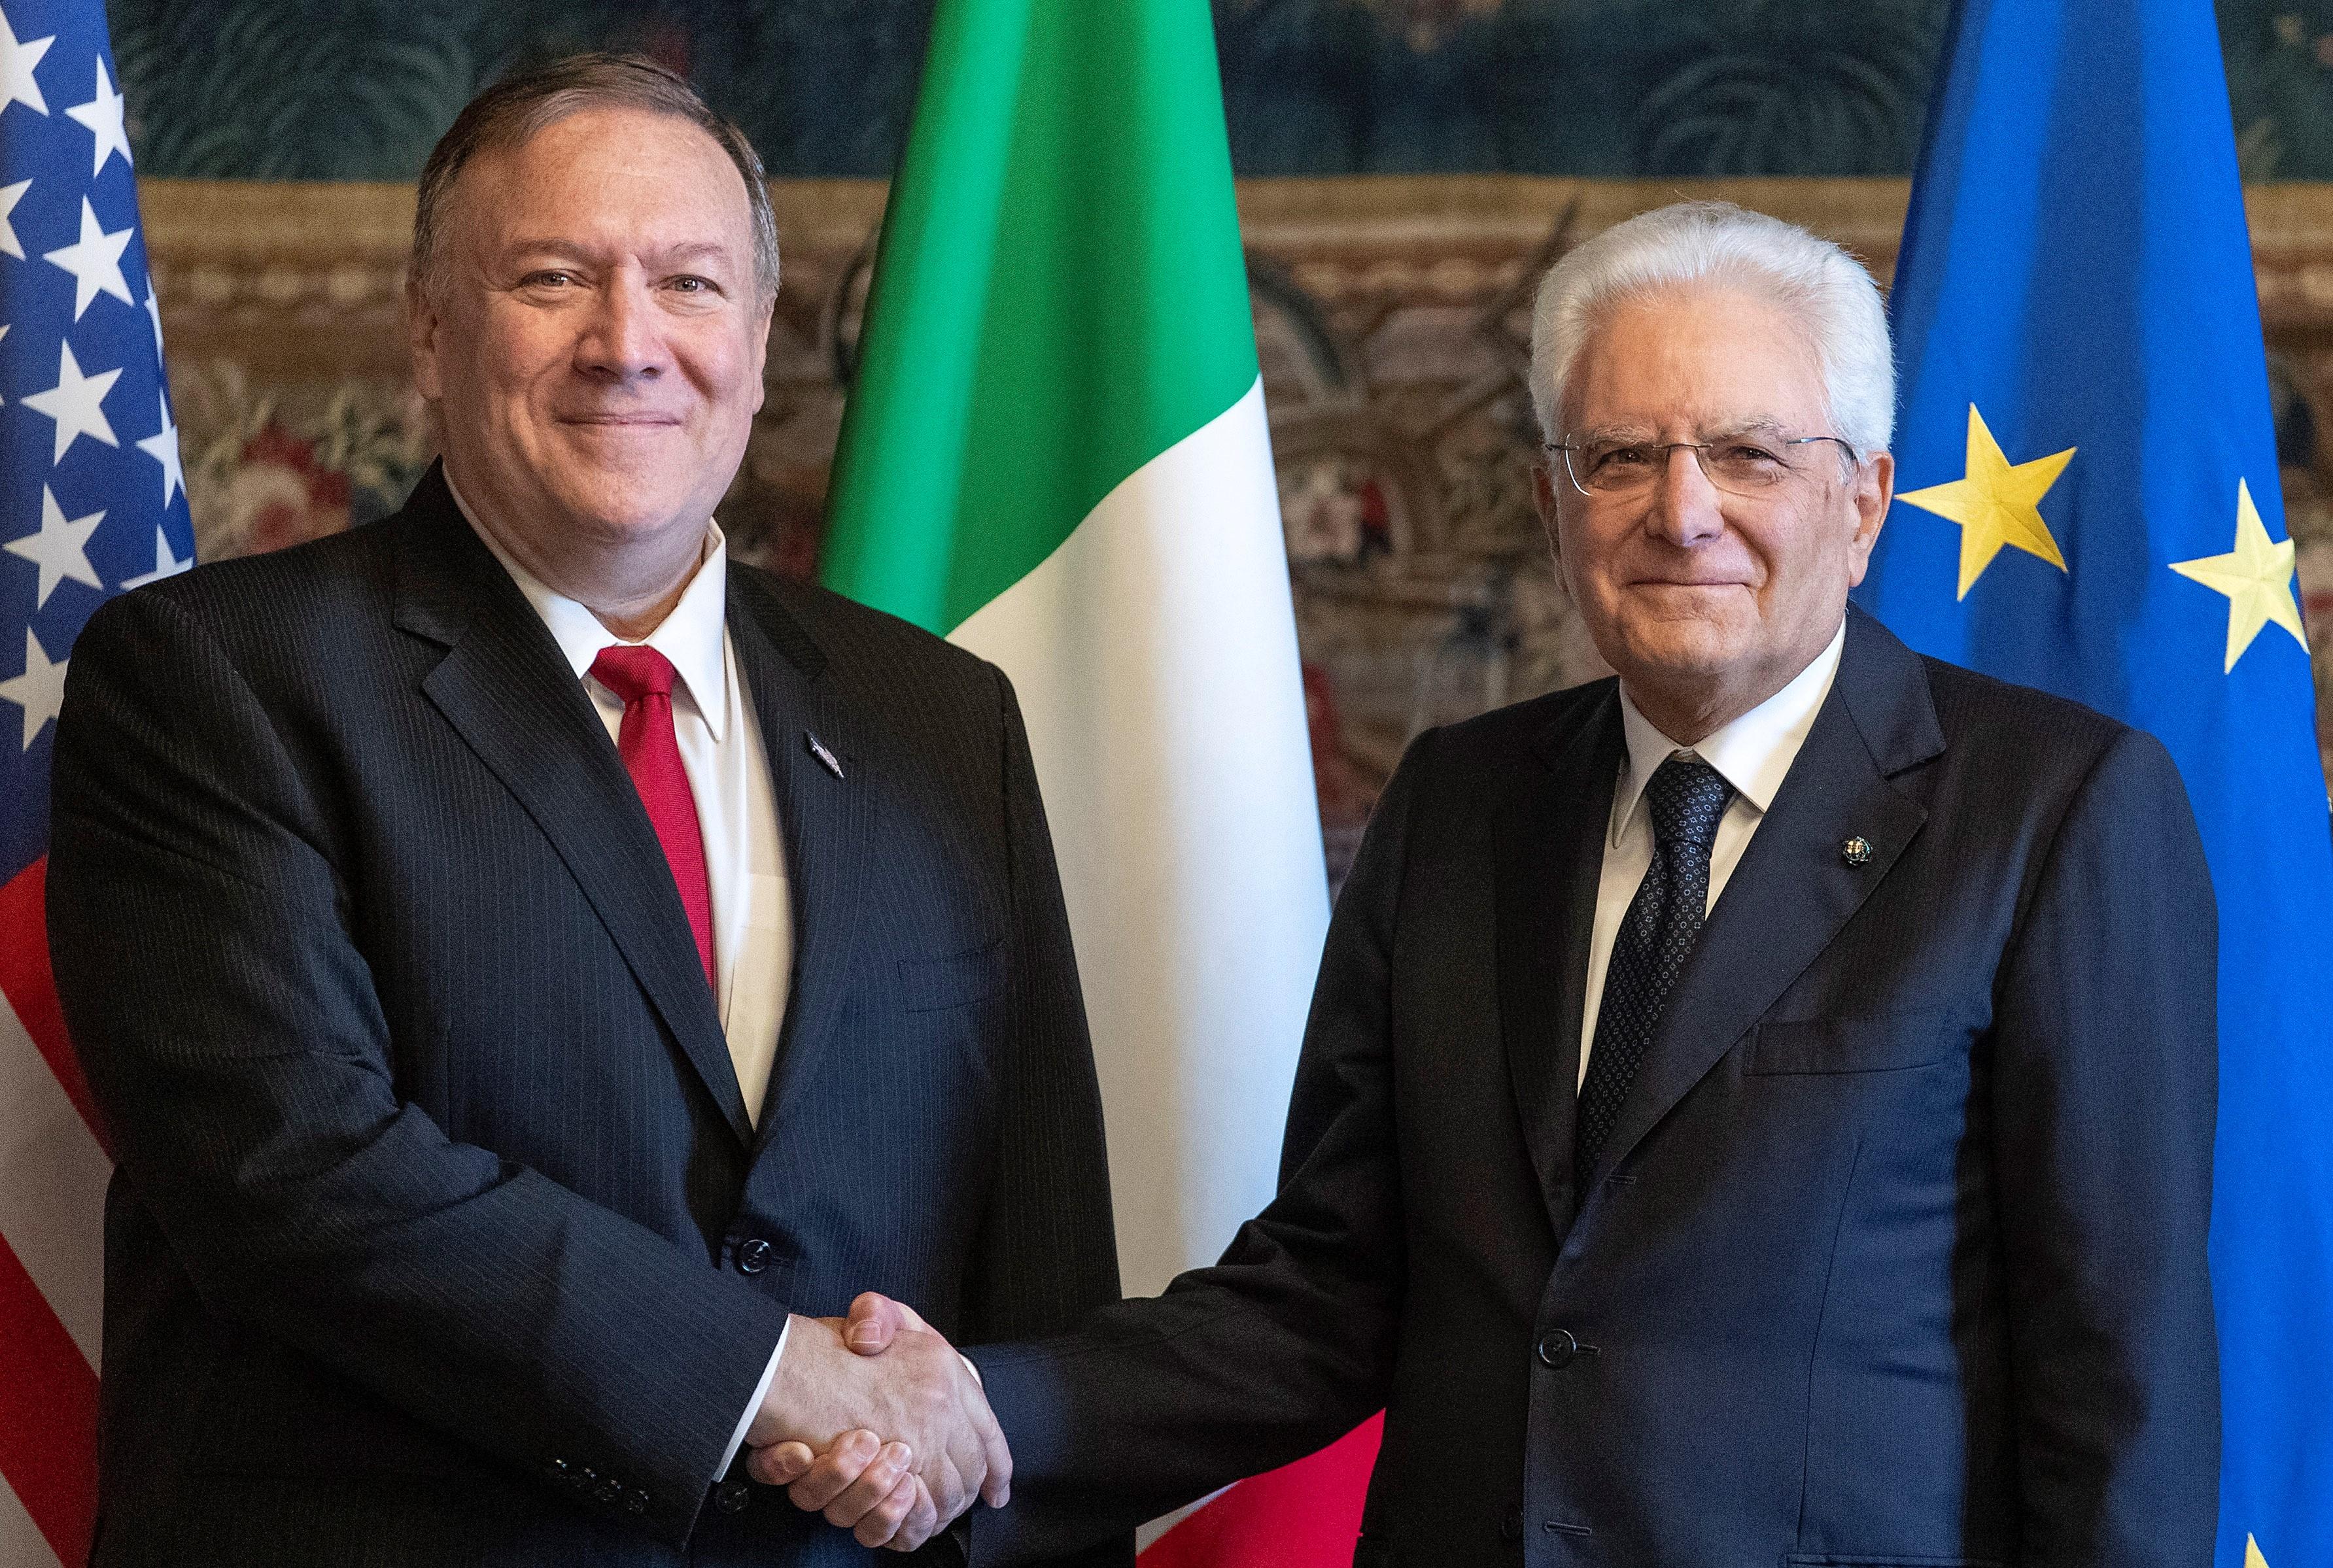 الرئيس الإيطالي سيرجو ماتاريلا - وزير الخارجية الأمريكي مايك بومبيو